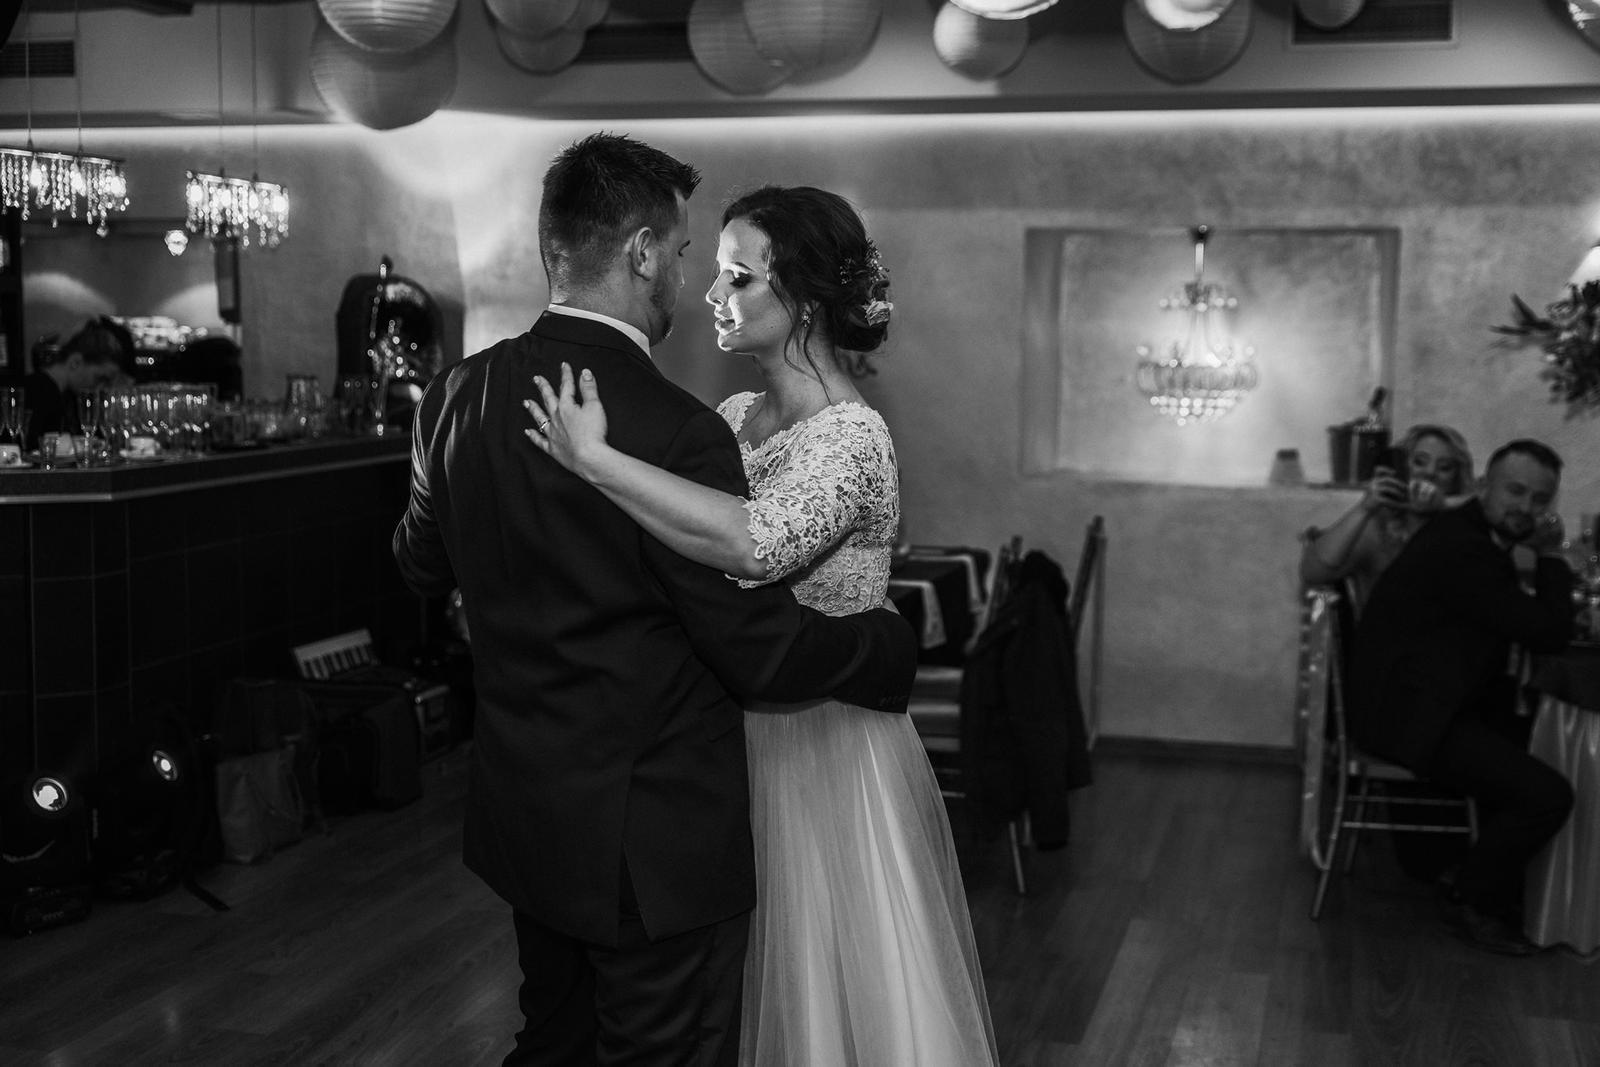 Moje svadobné fotografie - Obrázok č. 23